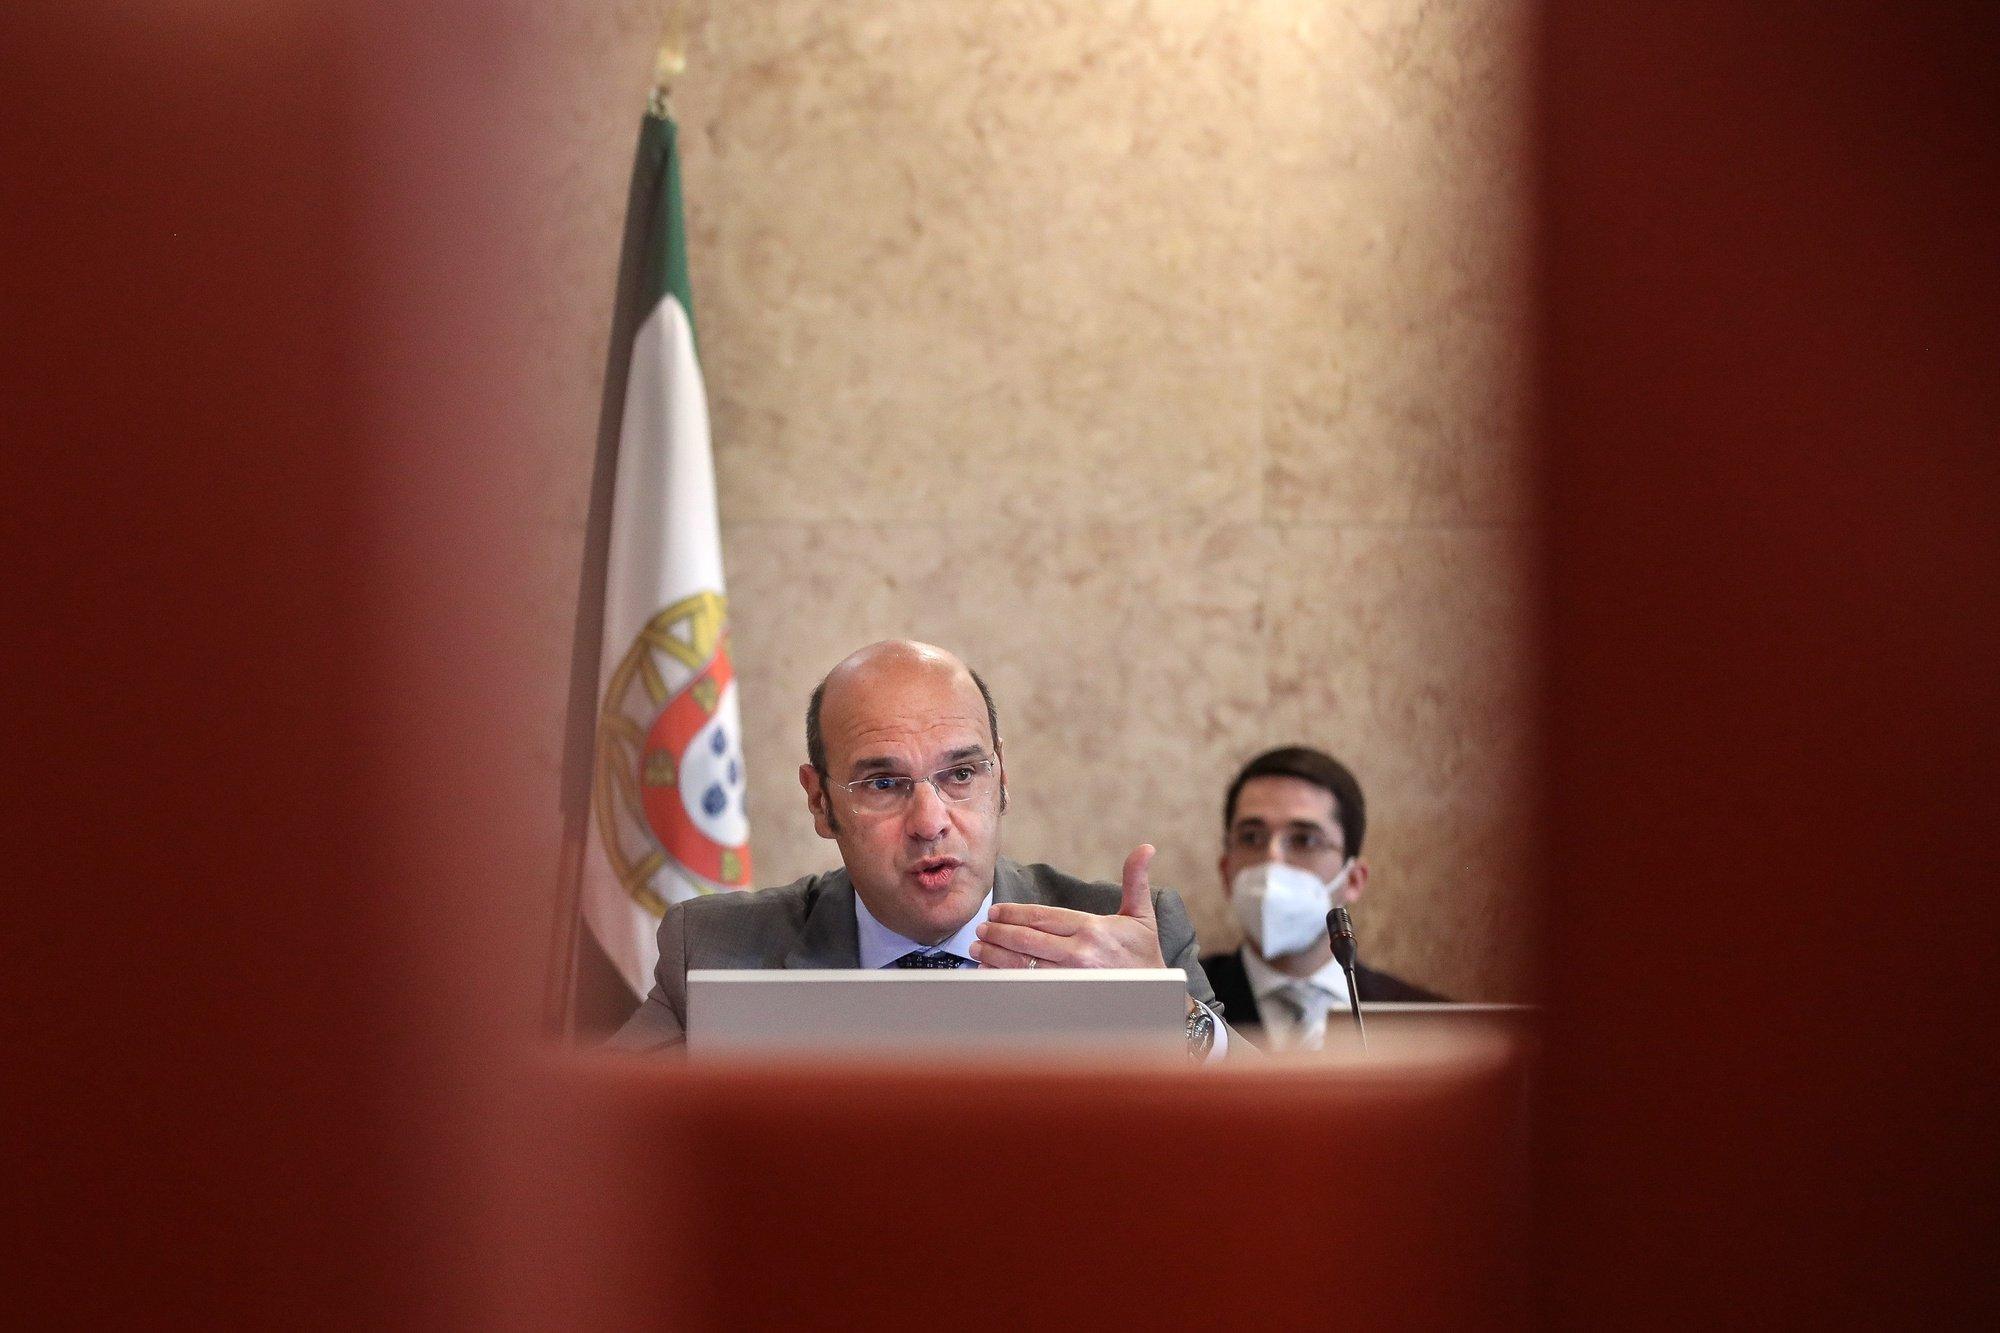 O ministro de Estado, da Economia e da Transição Digital, Pedro Siza Vieira, durante a audição na Comissão de Trabalho e Segurança Social sobre a resposta económica e social à pandemia da doença Covid-19, na Assembleia da República, em Lisboa, 6 de abril de 2021. MÁRIO CRUZ/LUSA